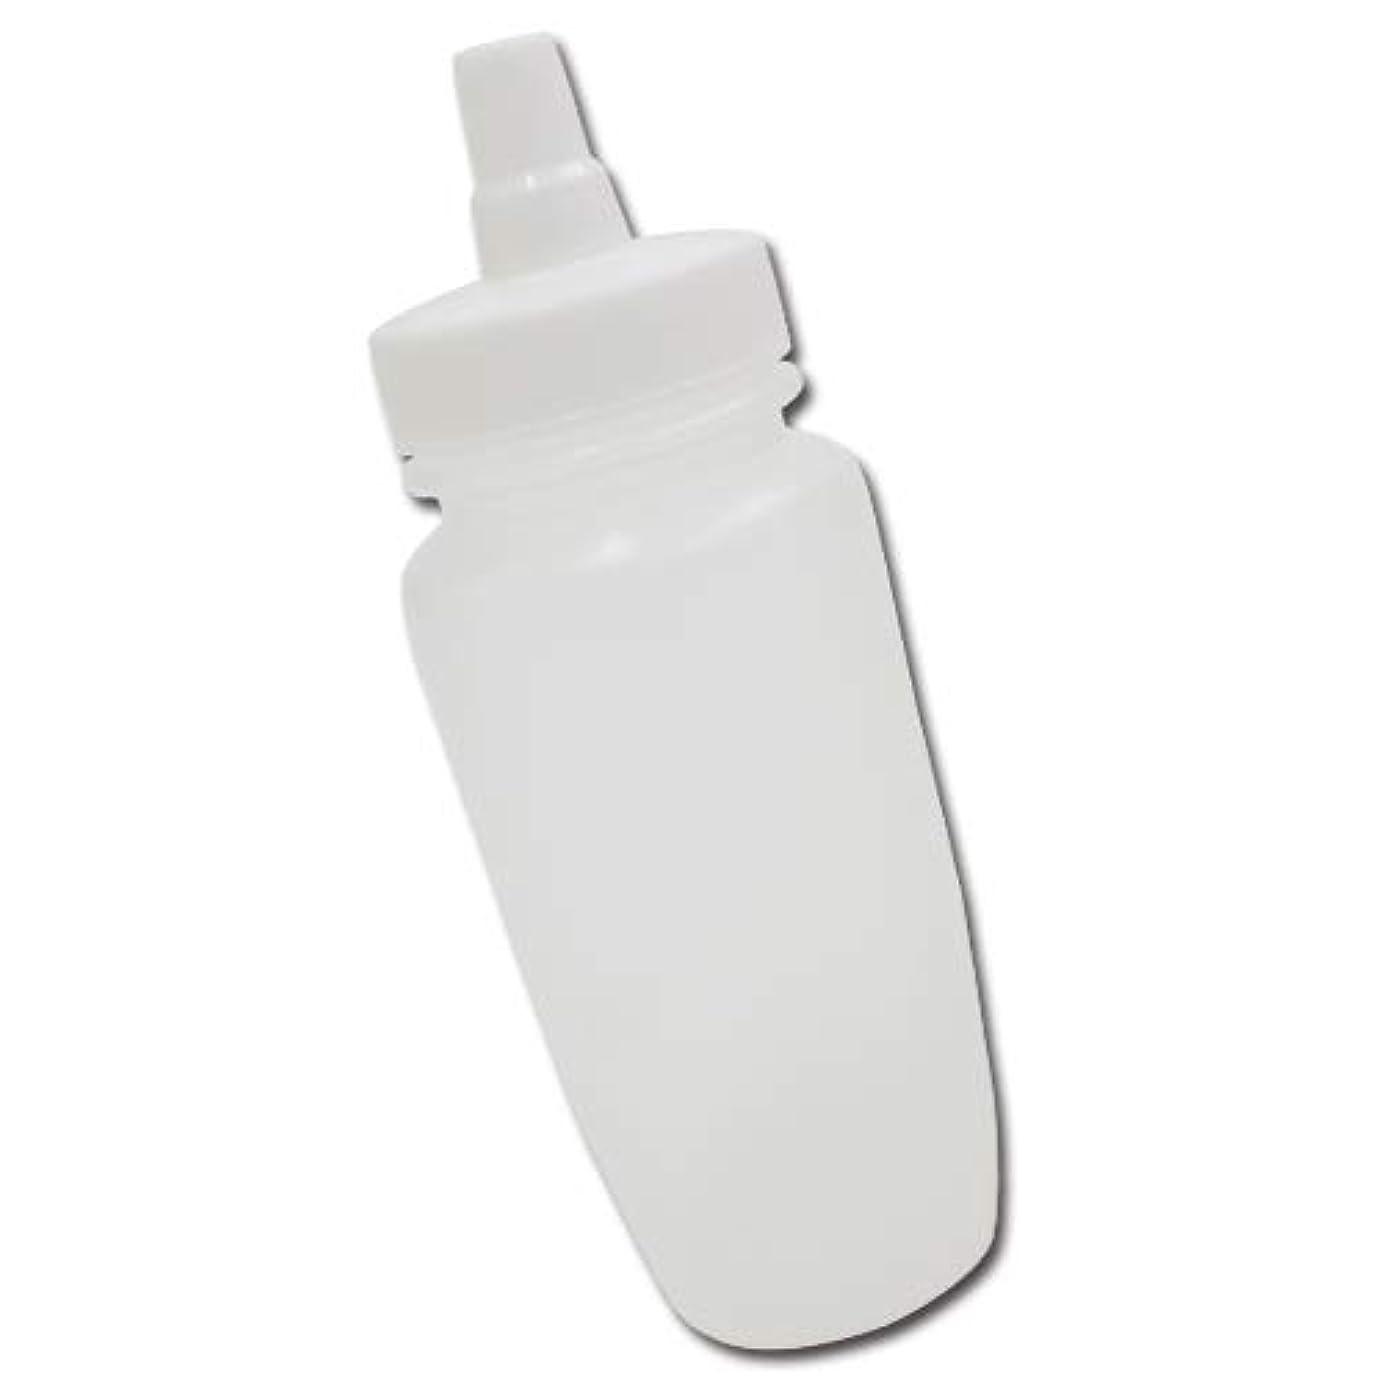 刈るプロフィール台無しにはちみつ容器180ml(ホワイトキャップ)│業務用ローションや調味料の小分けに詰め替え用ハチミツ容器(蜂蜜容器)はちみつボトル